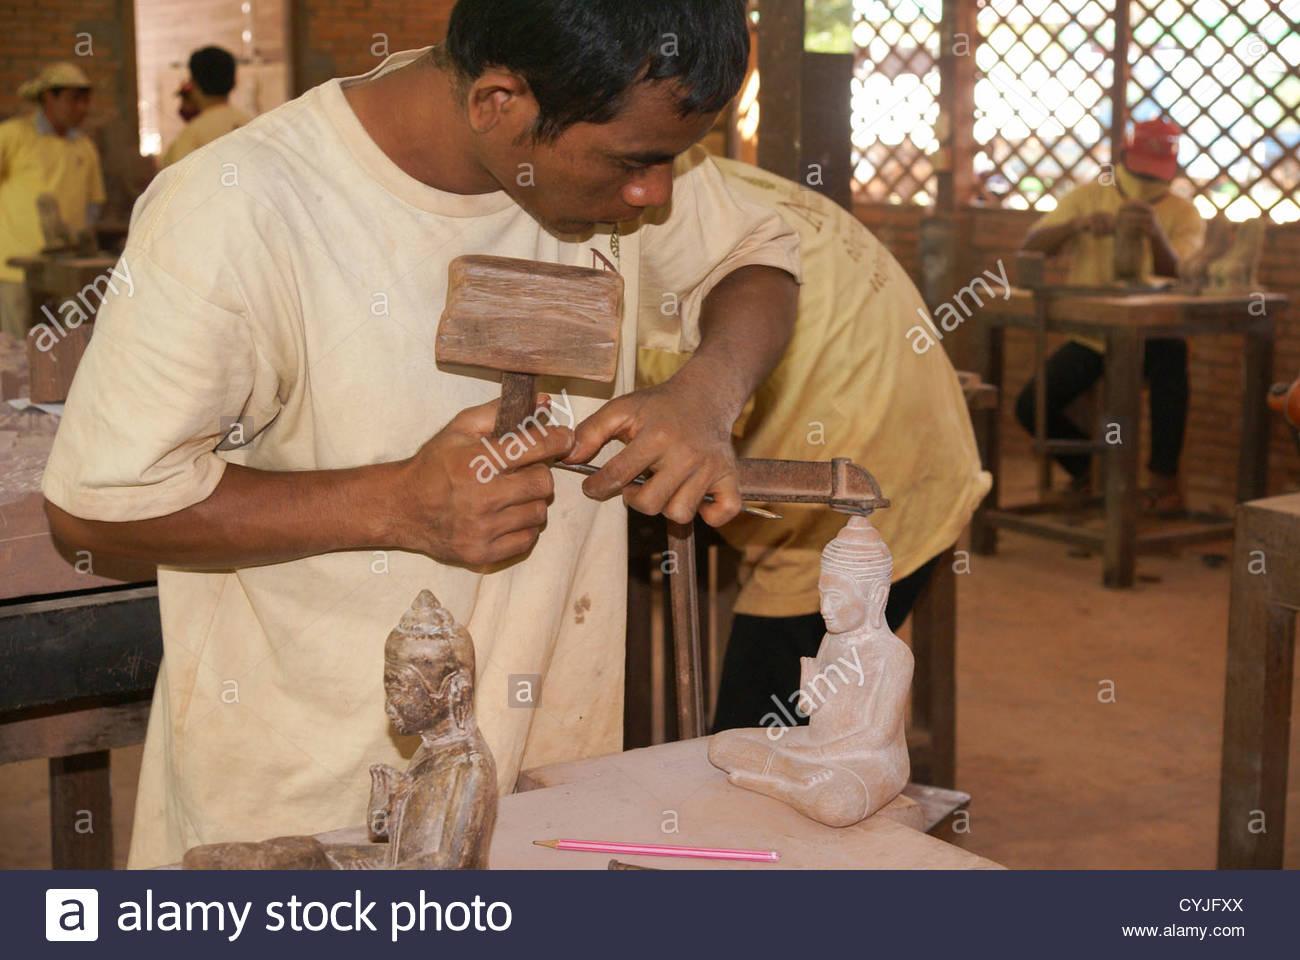 école d'artisanat - Artisanat et commerce equitable